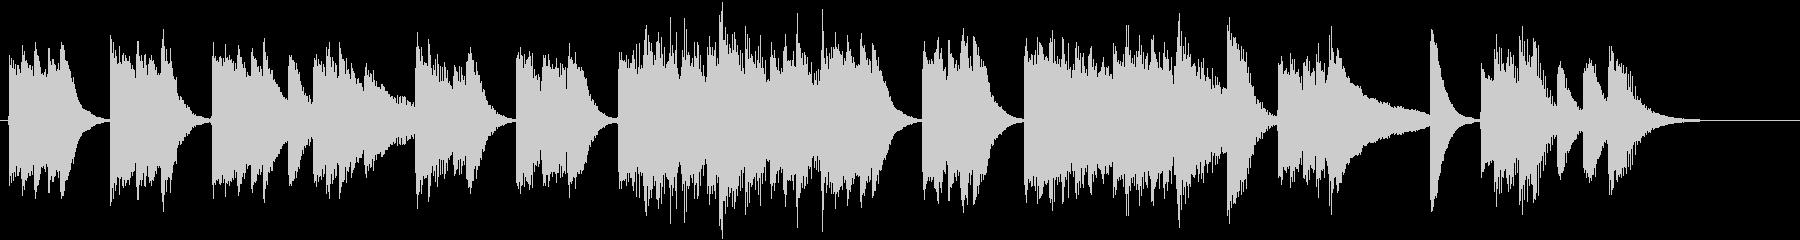 ユーモラスなメロディの軽快ピアノジングルの未再生の波形